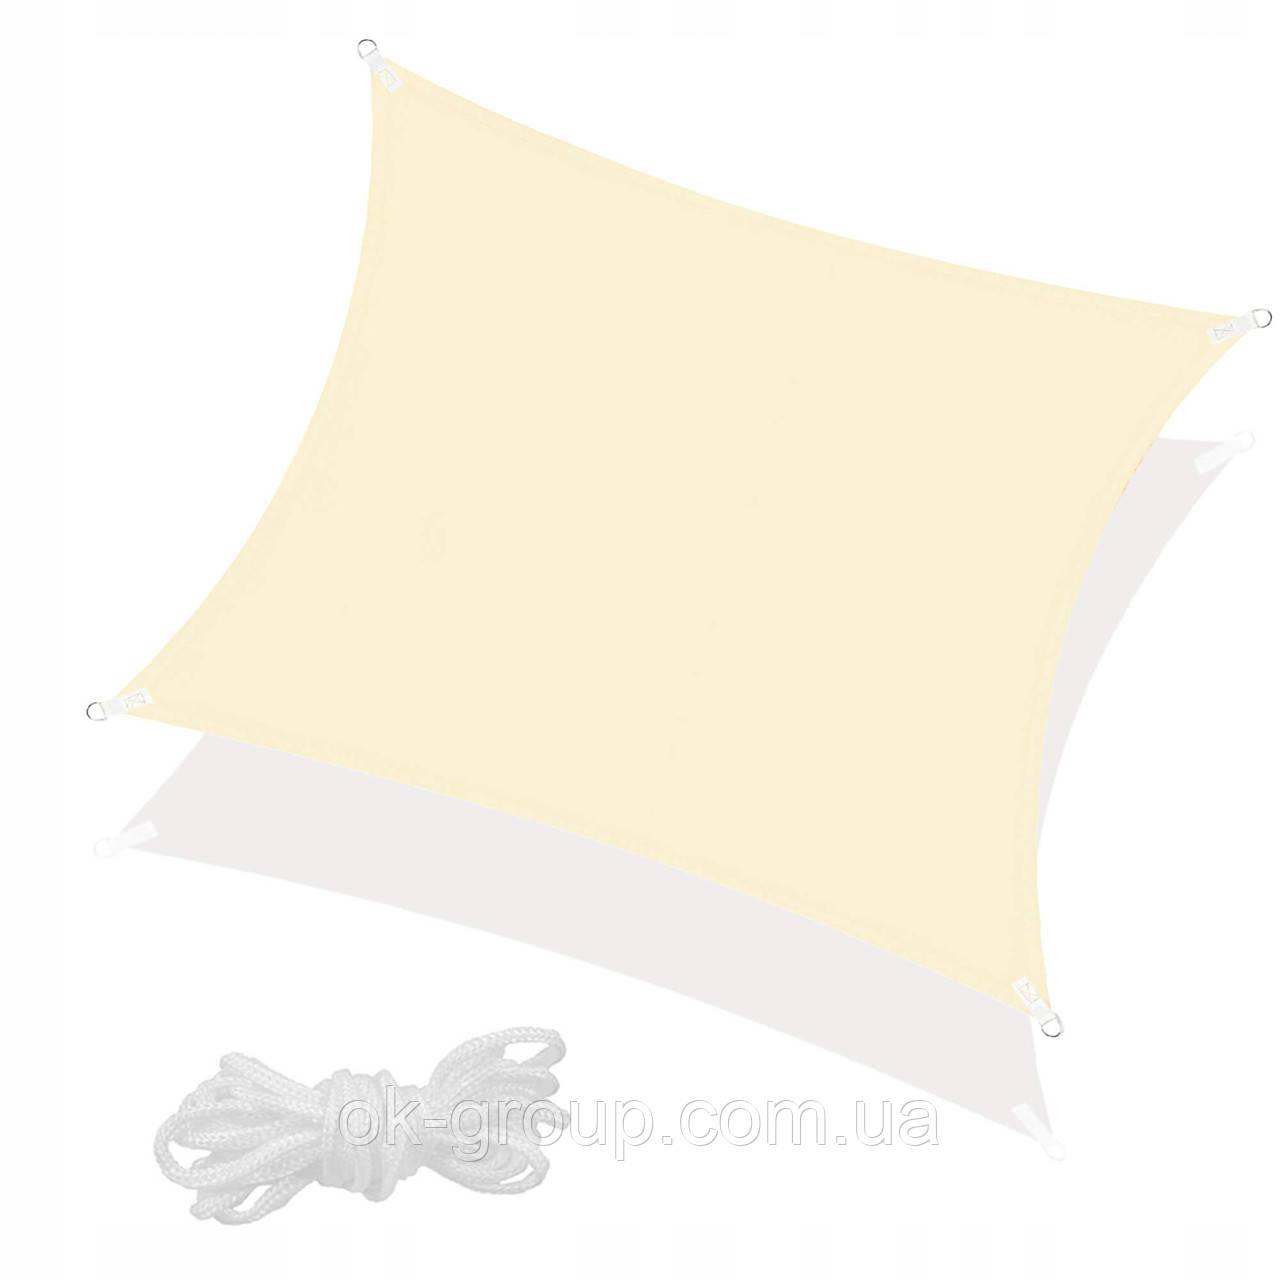 Тент-парус теневой для дома, сада и туризма Springos 5 x 5 м SN1020 Light Yellow